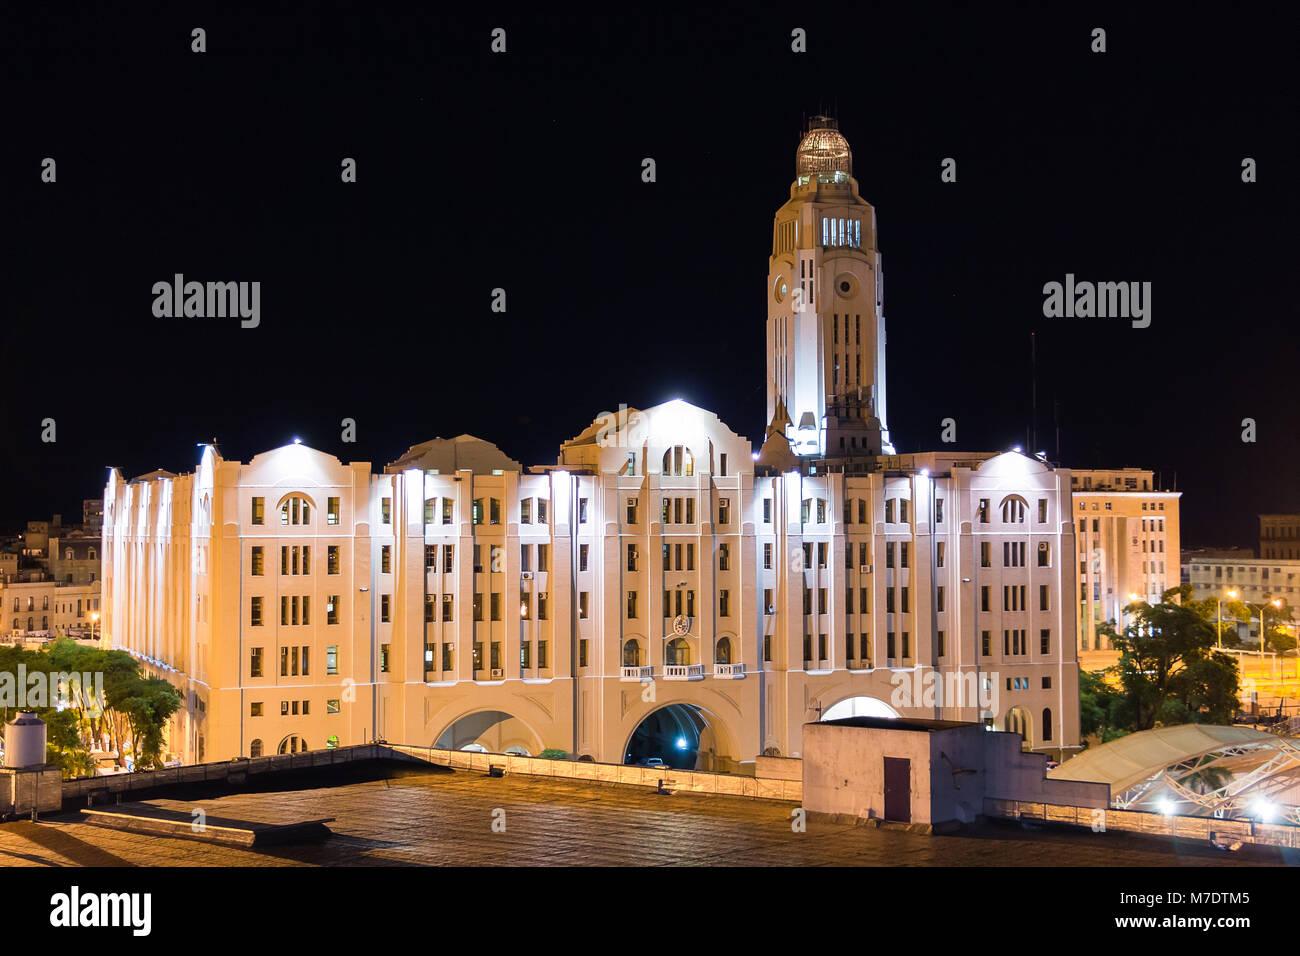 Montevideo, Uruguay - 25 Février 2018: l'édifice des douanes (Aduana de Montevideo) la nuit Photo Stock